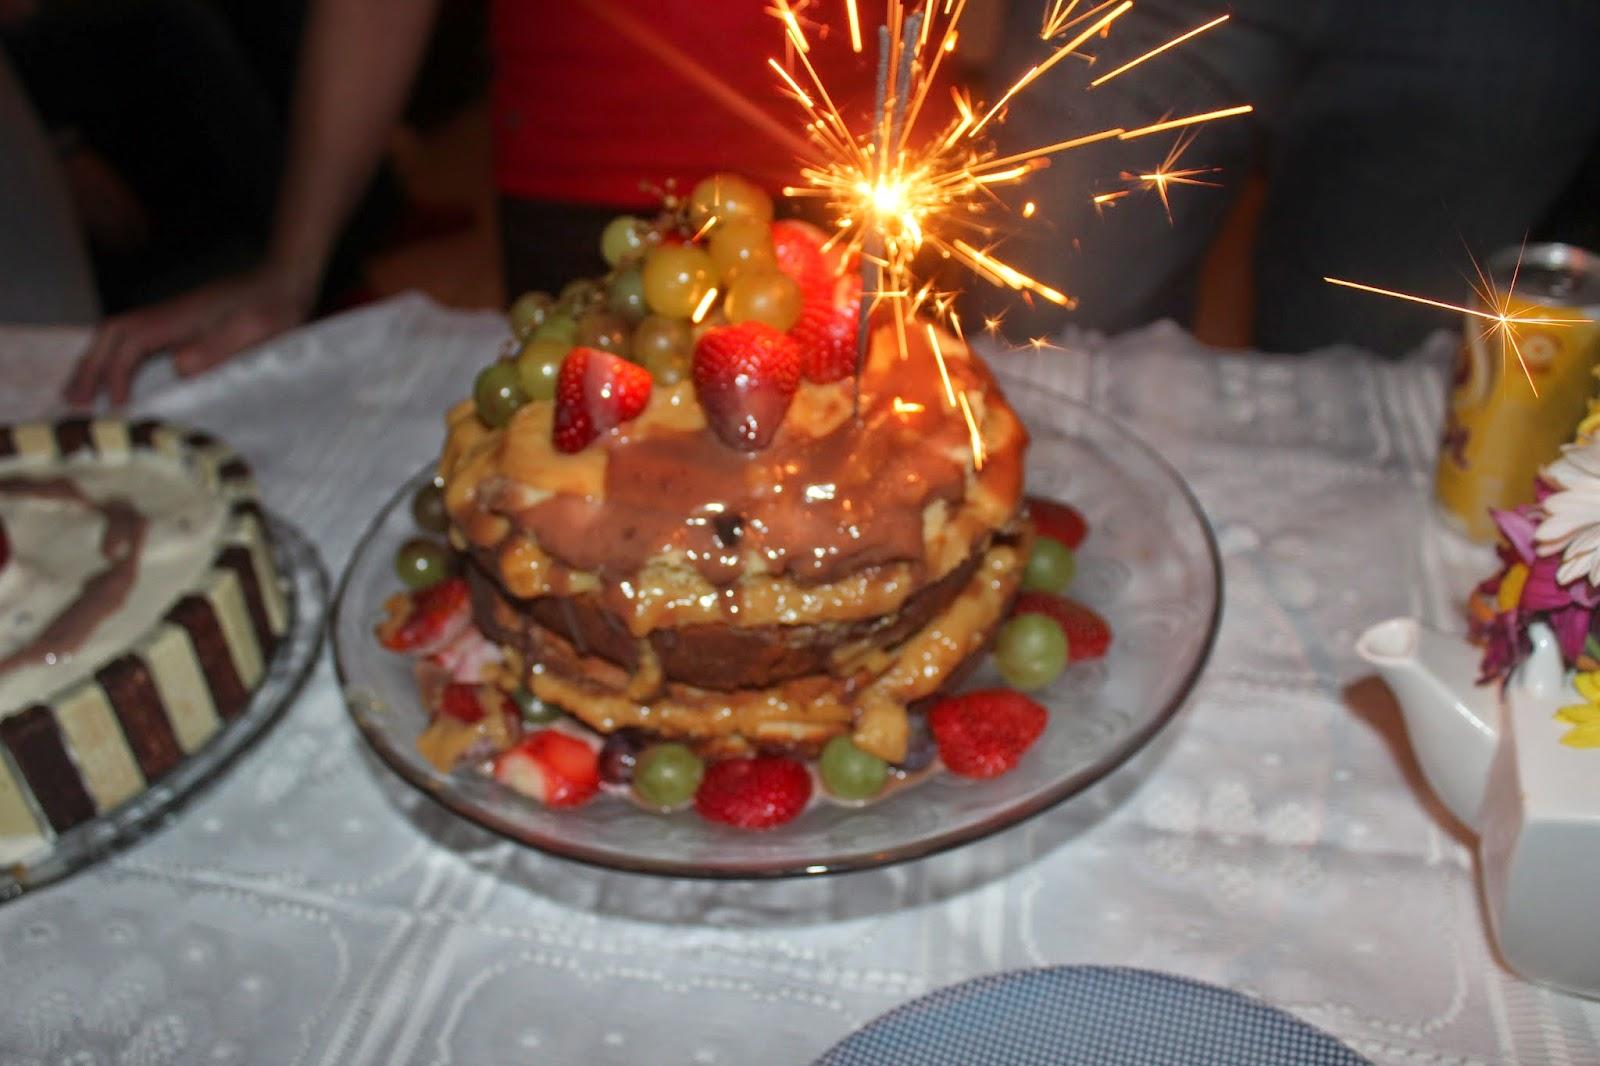 Naked cakek - bolo pelado - bolo sem cobertura